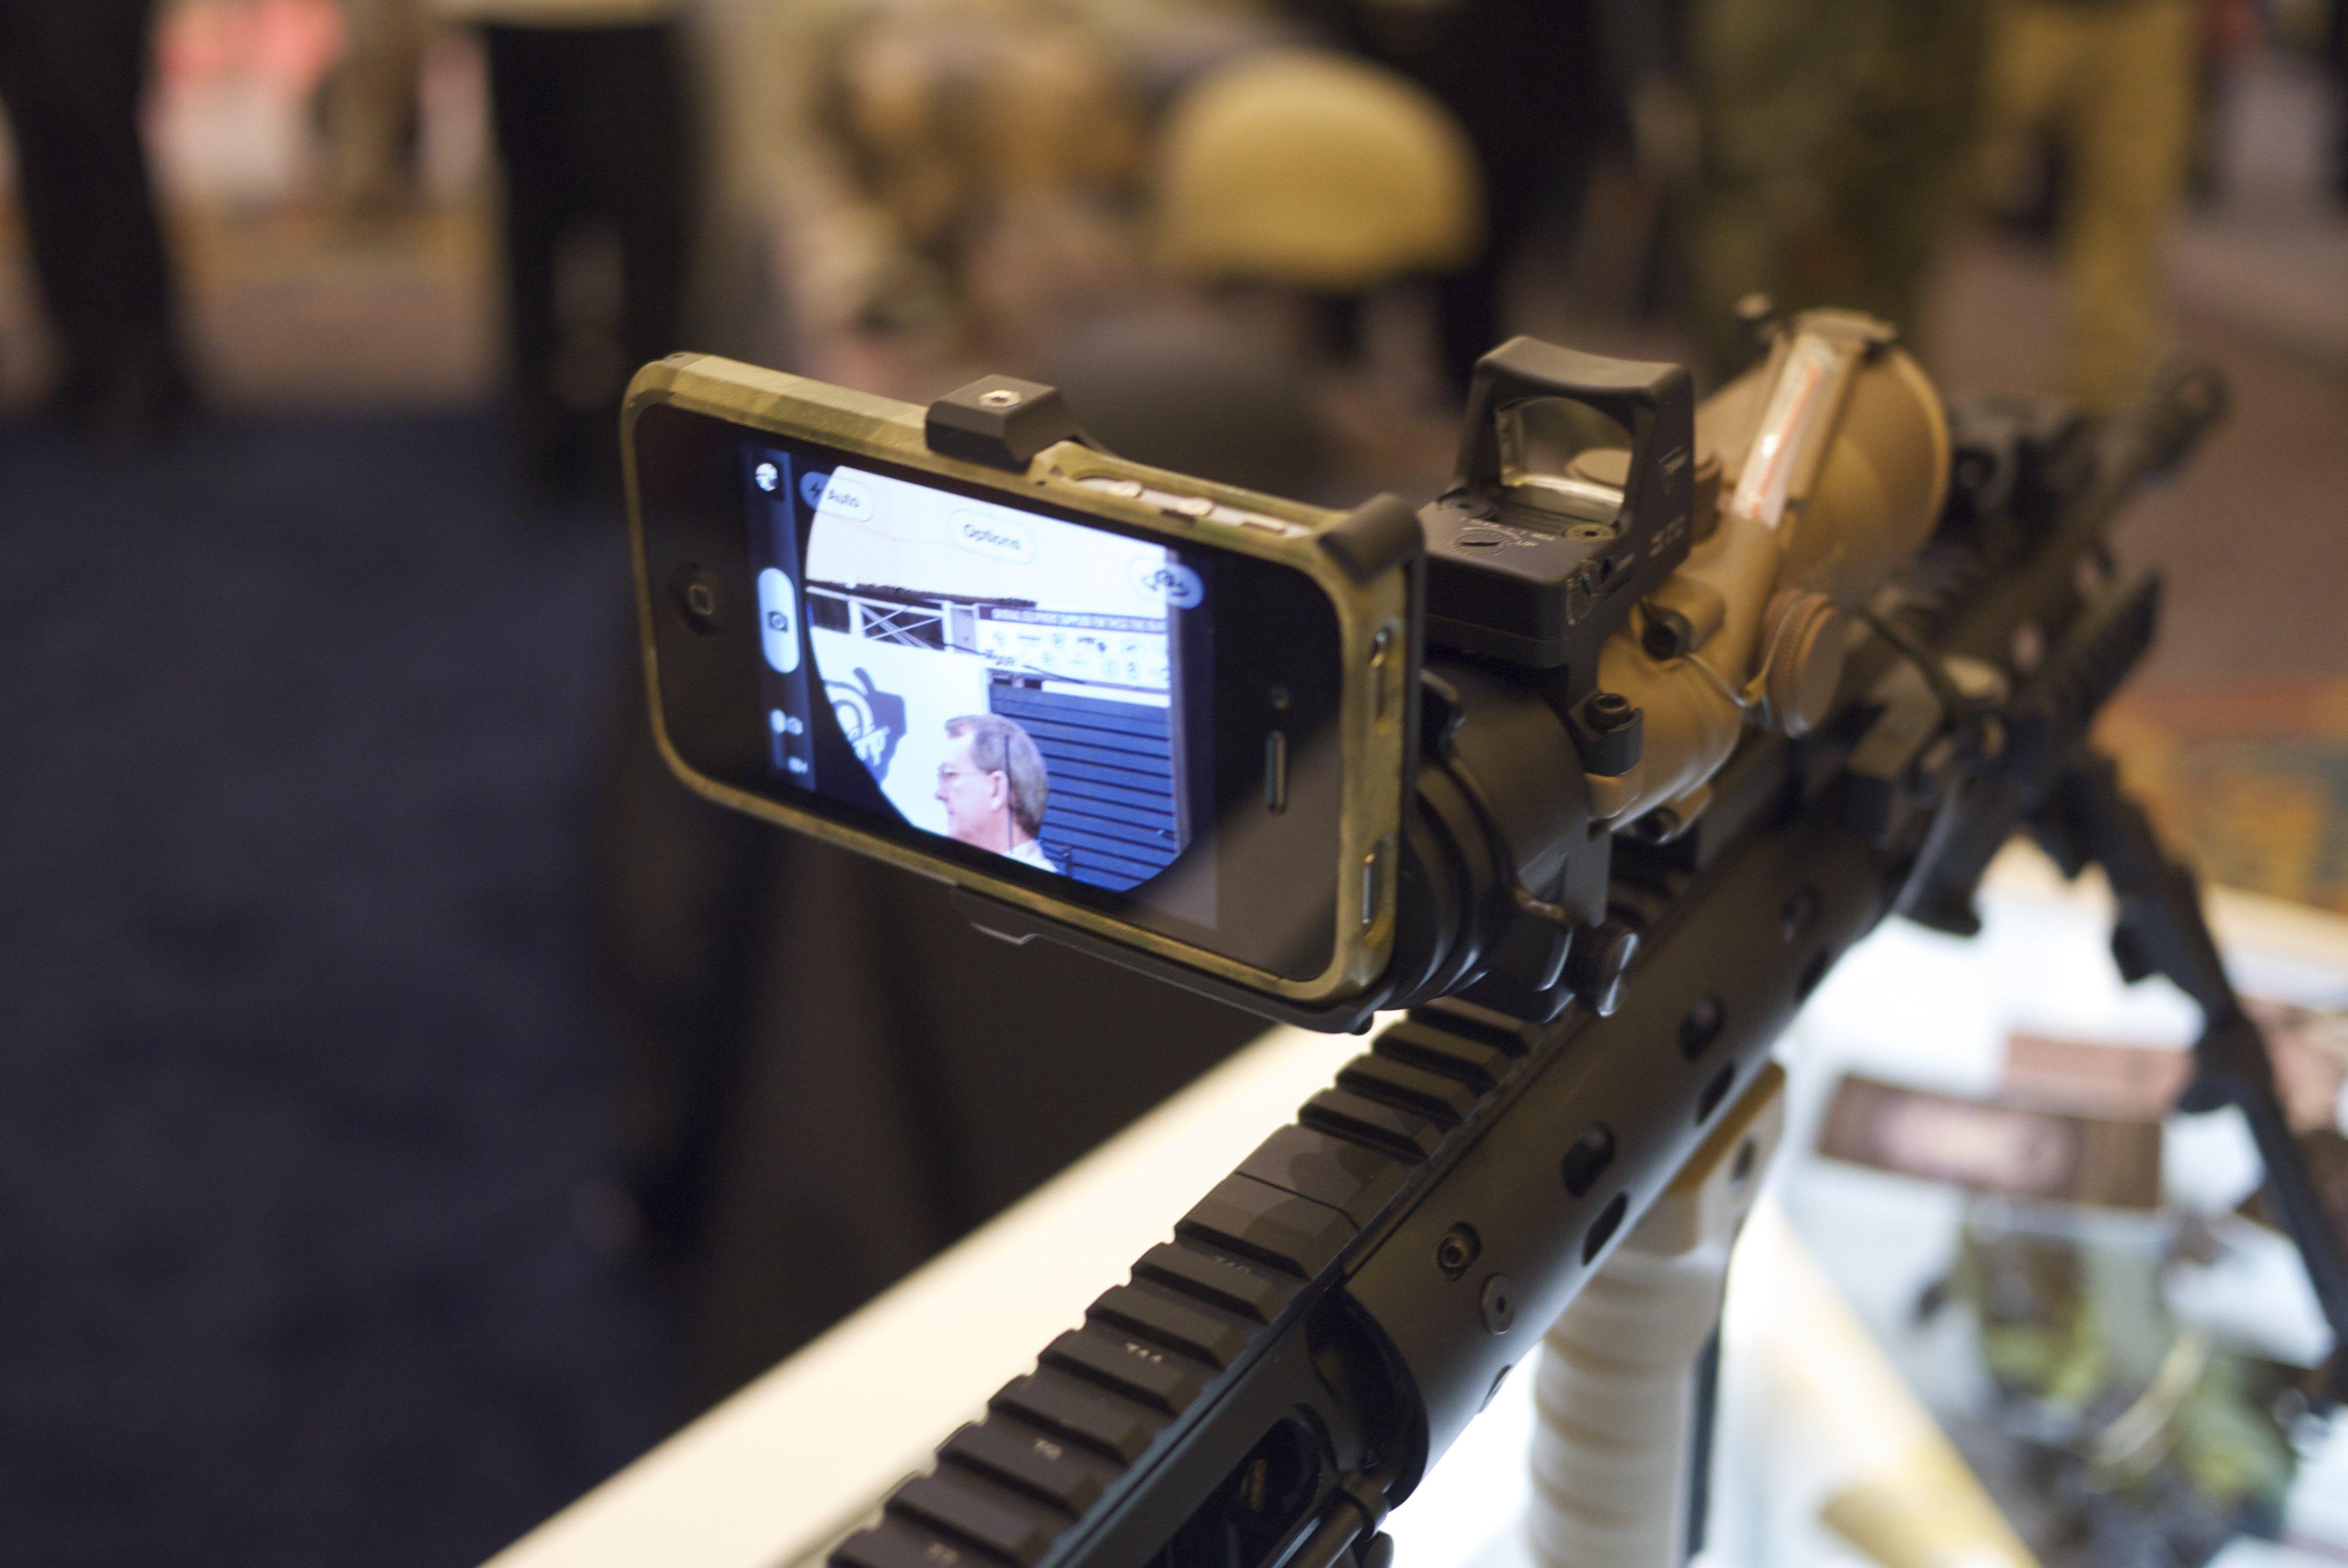 Интересно, это iPhone является аксессуаром для AR-15 или AR-15 служит аксессуаром для iPhone?